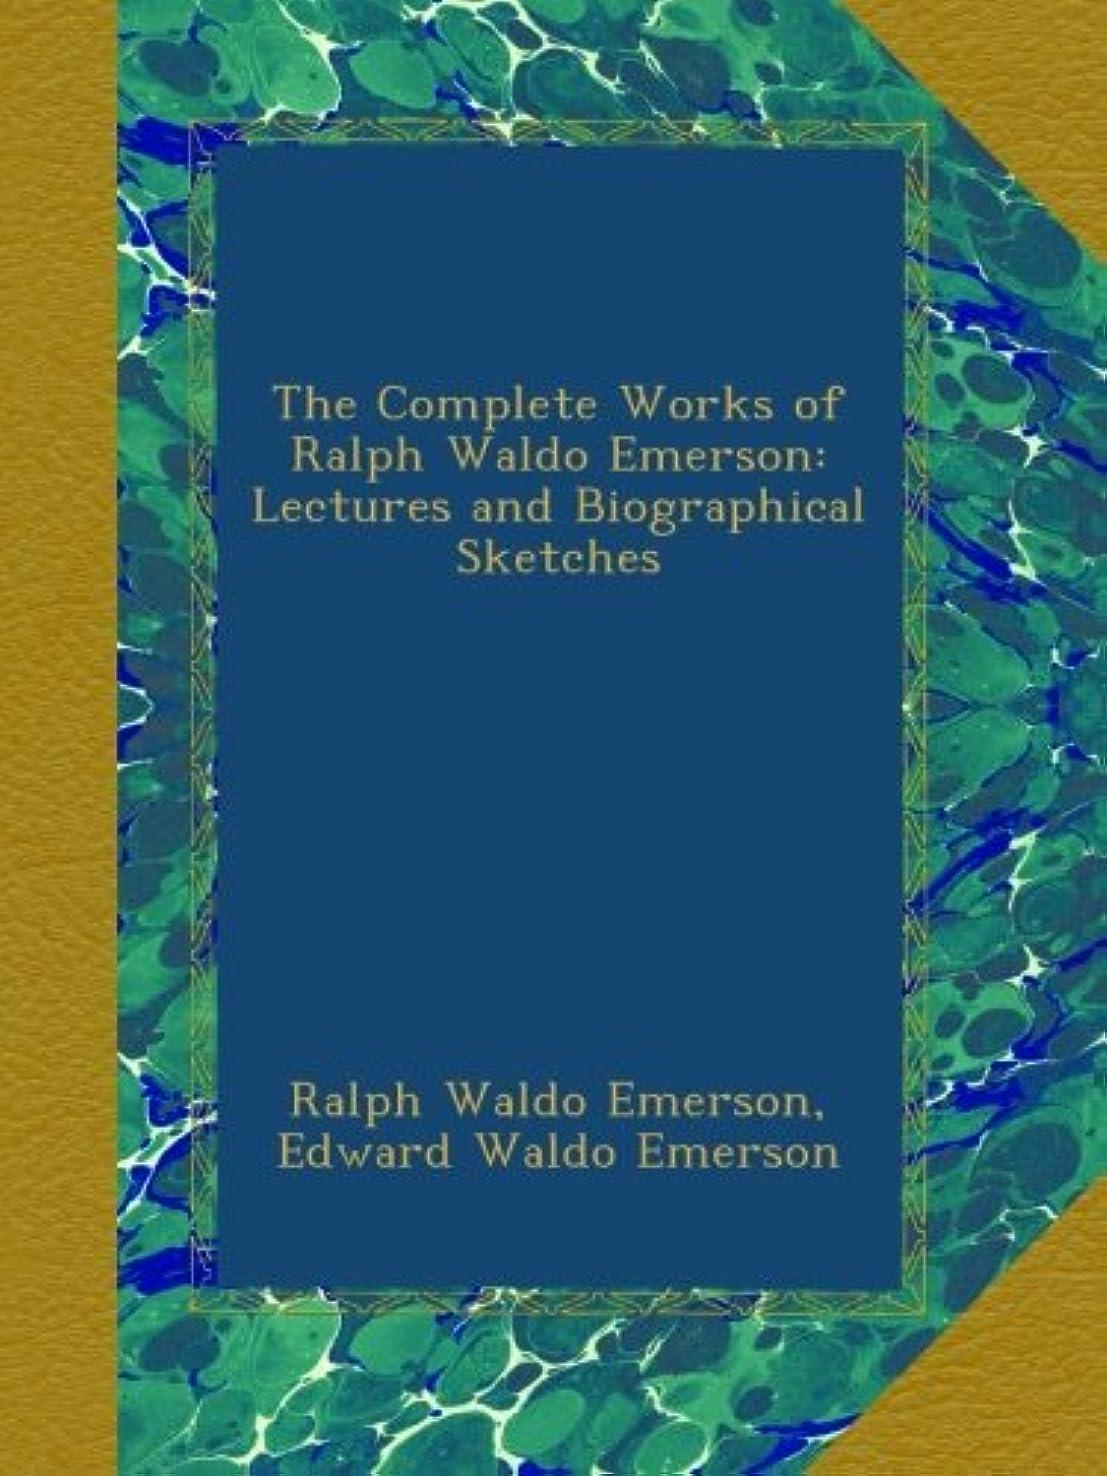 否定するシチリア誠意The Complete Works of Ralph Waldo Emerson: Lectures and Biographical Sketches